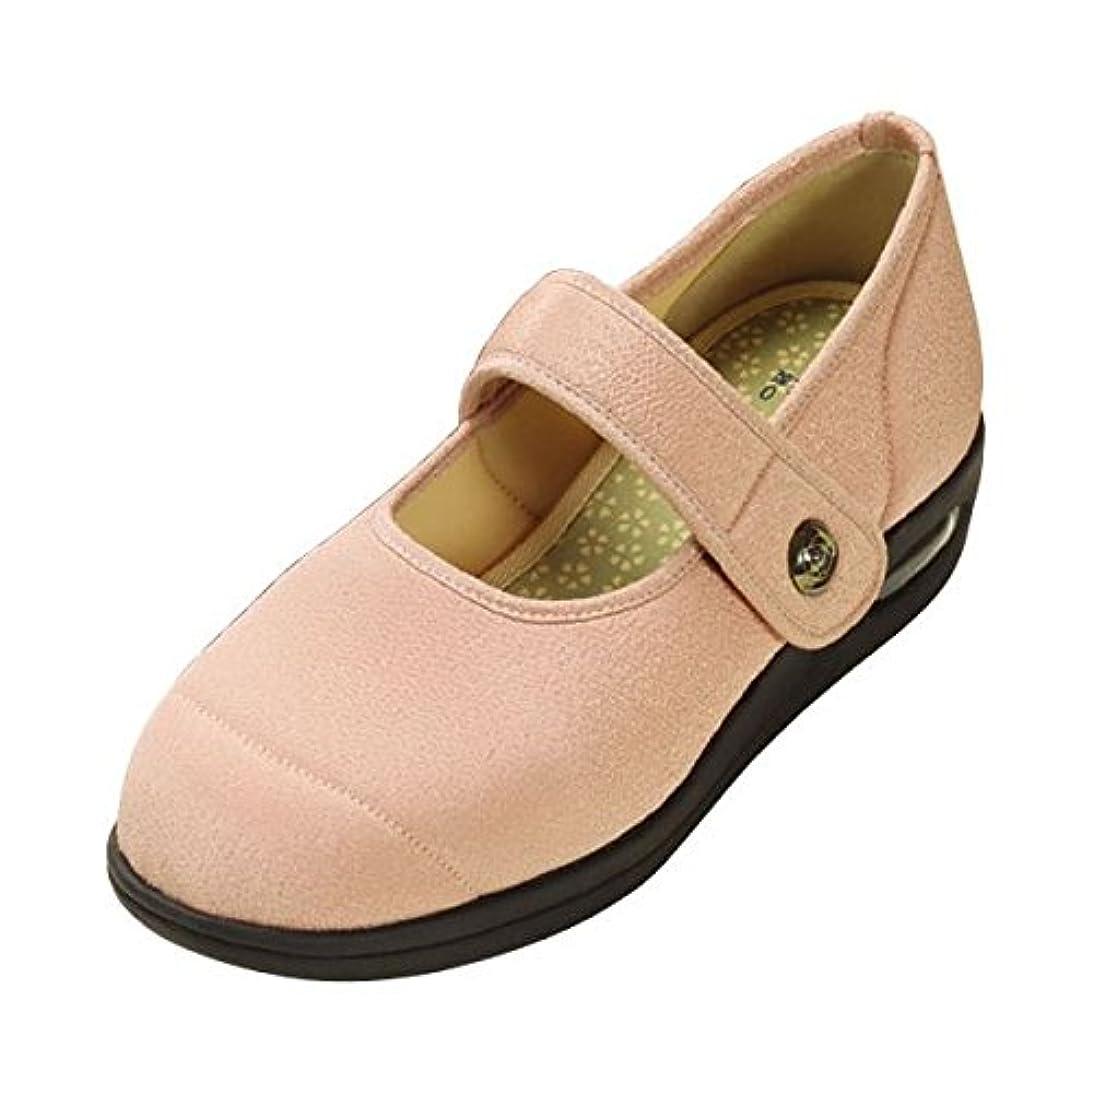 マリアンヌ製靴 彩彩~ちりめん~ W1101 婦人用 /26.0cm さくら ds-1431928